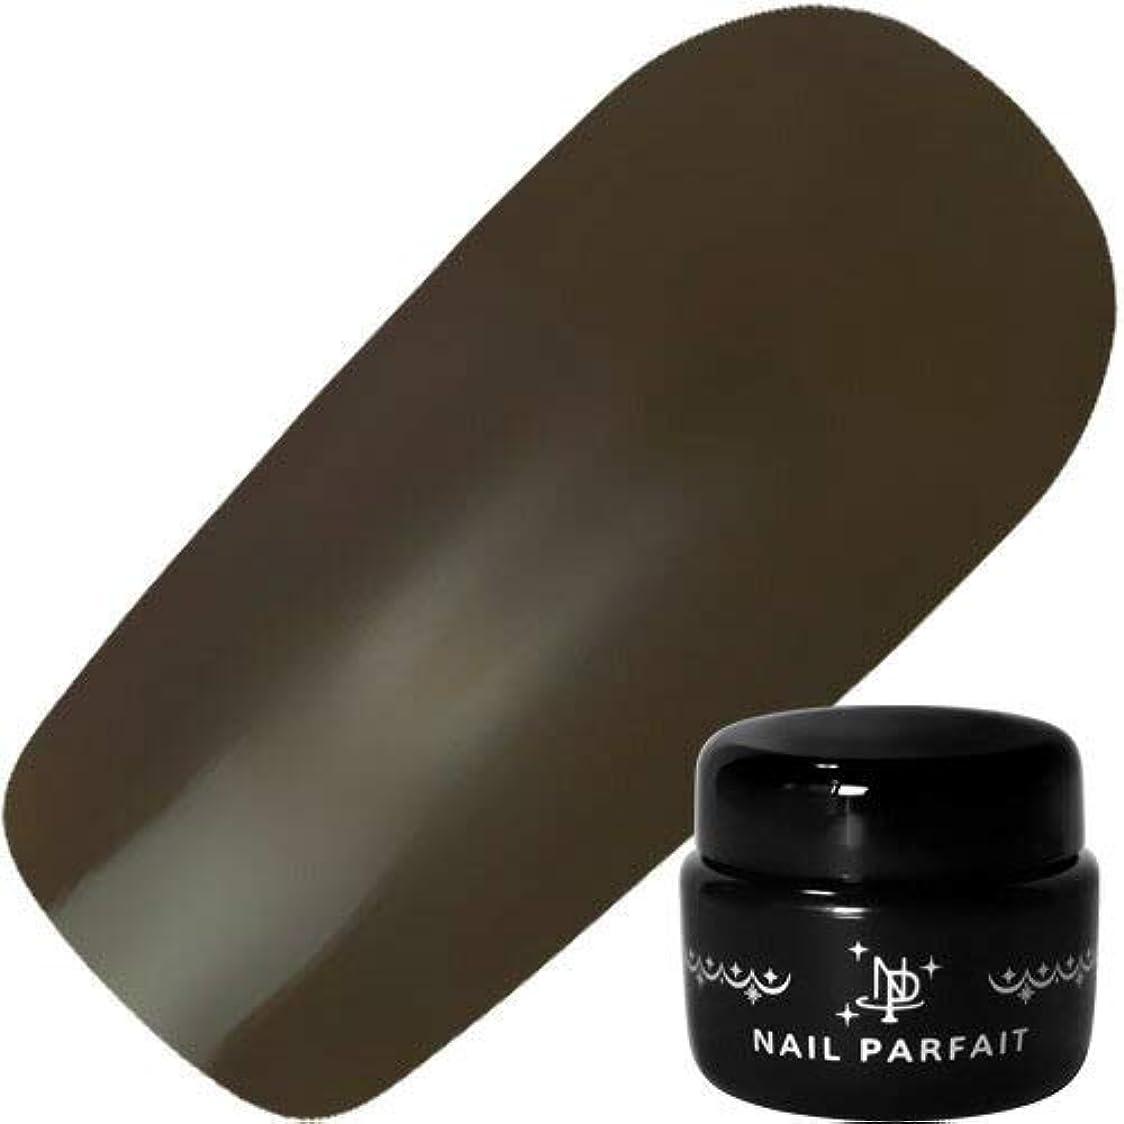 遵守するプレゼントガロンNAIL PARFAIT ネイルパフェ カラージェル T02 トールブラウン 2g 【ジェル/カラージェル?ネイル用品】